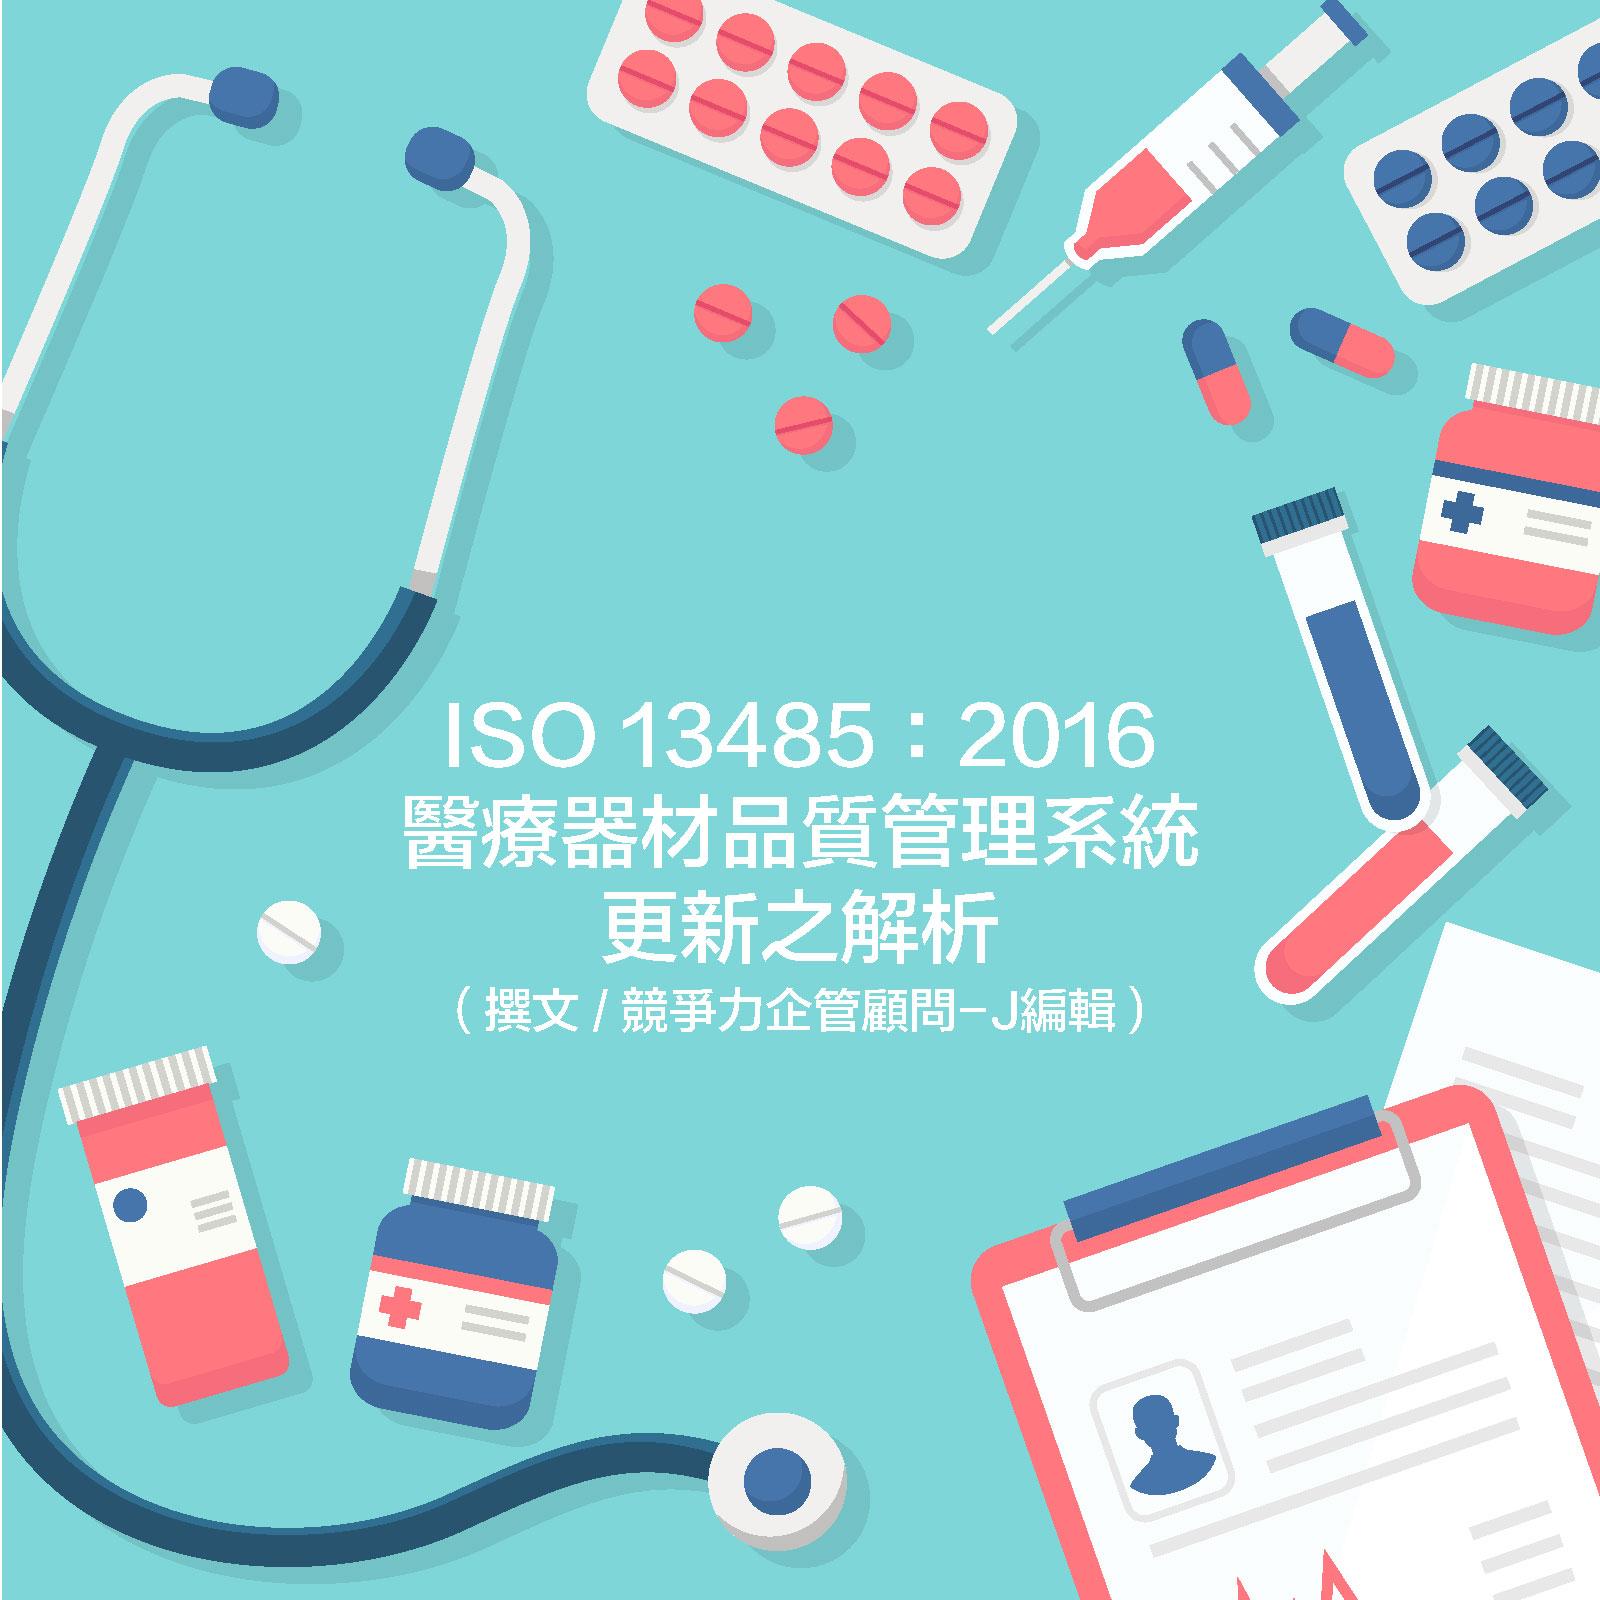 ISO 13485:2016醫療器材品質管理系統更新之解析 - 競爭力企管顧問團隊